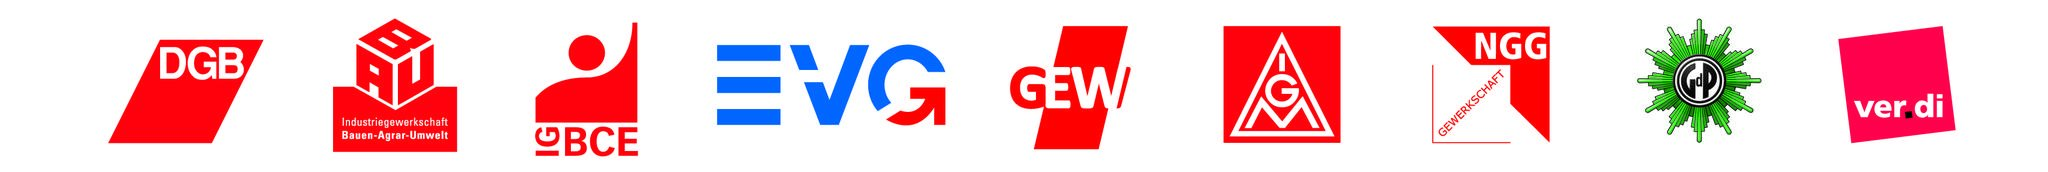 DGB Gewerkschaften